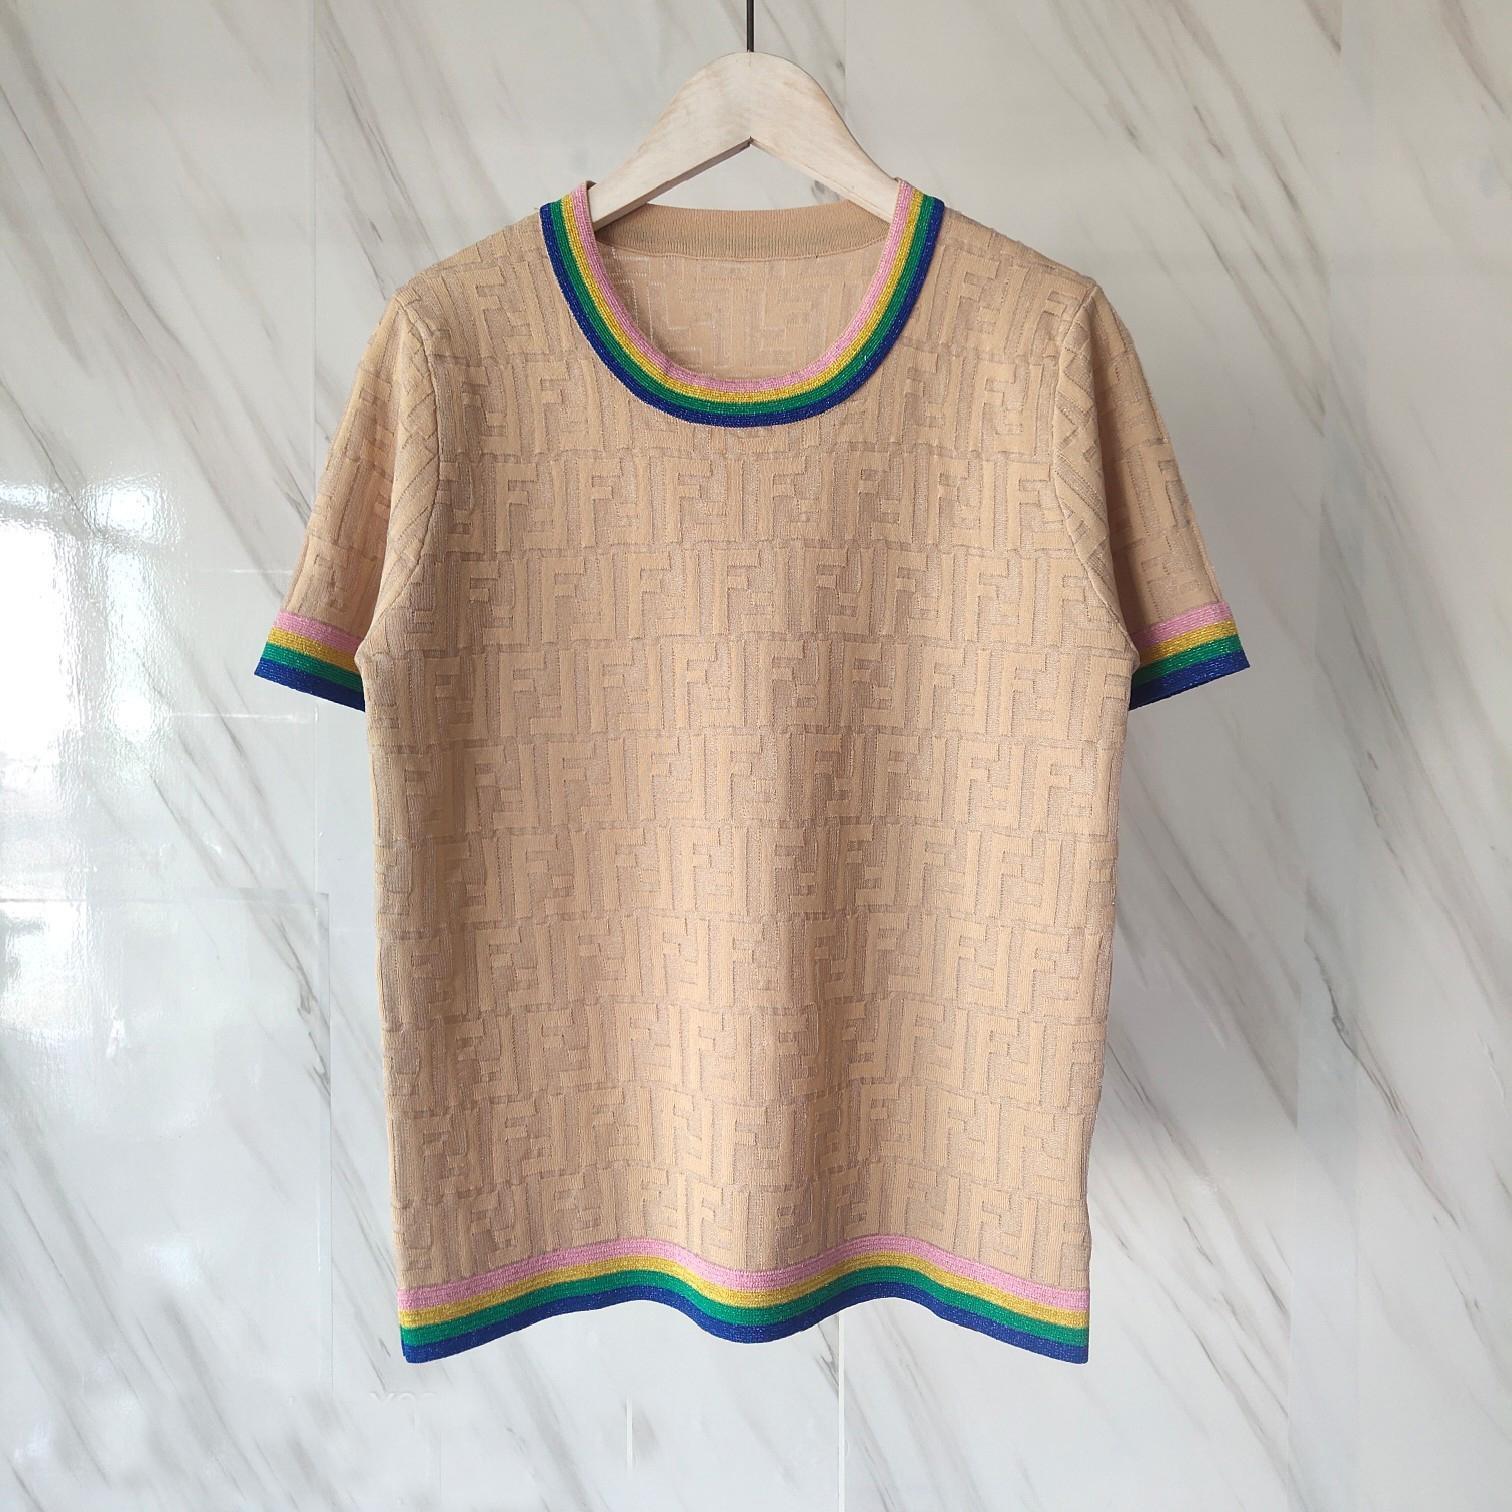 Hot Luxury Designer Shirts Femmes Mode Haut quility tricot pour femmes T-shirts Casual Top Marque T-shirts FF Lettre fille Chemise à manches courtes F 2052603H